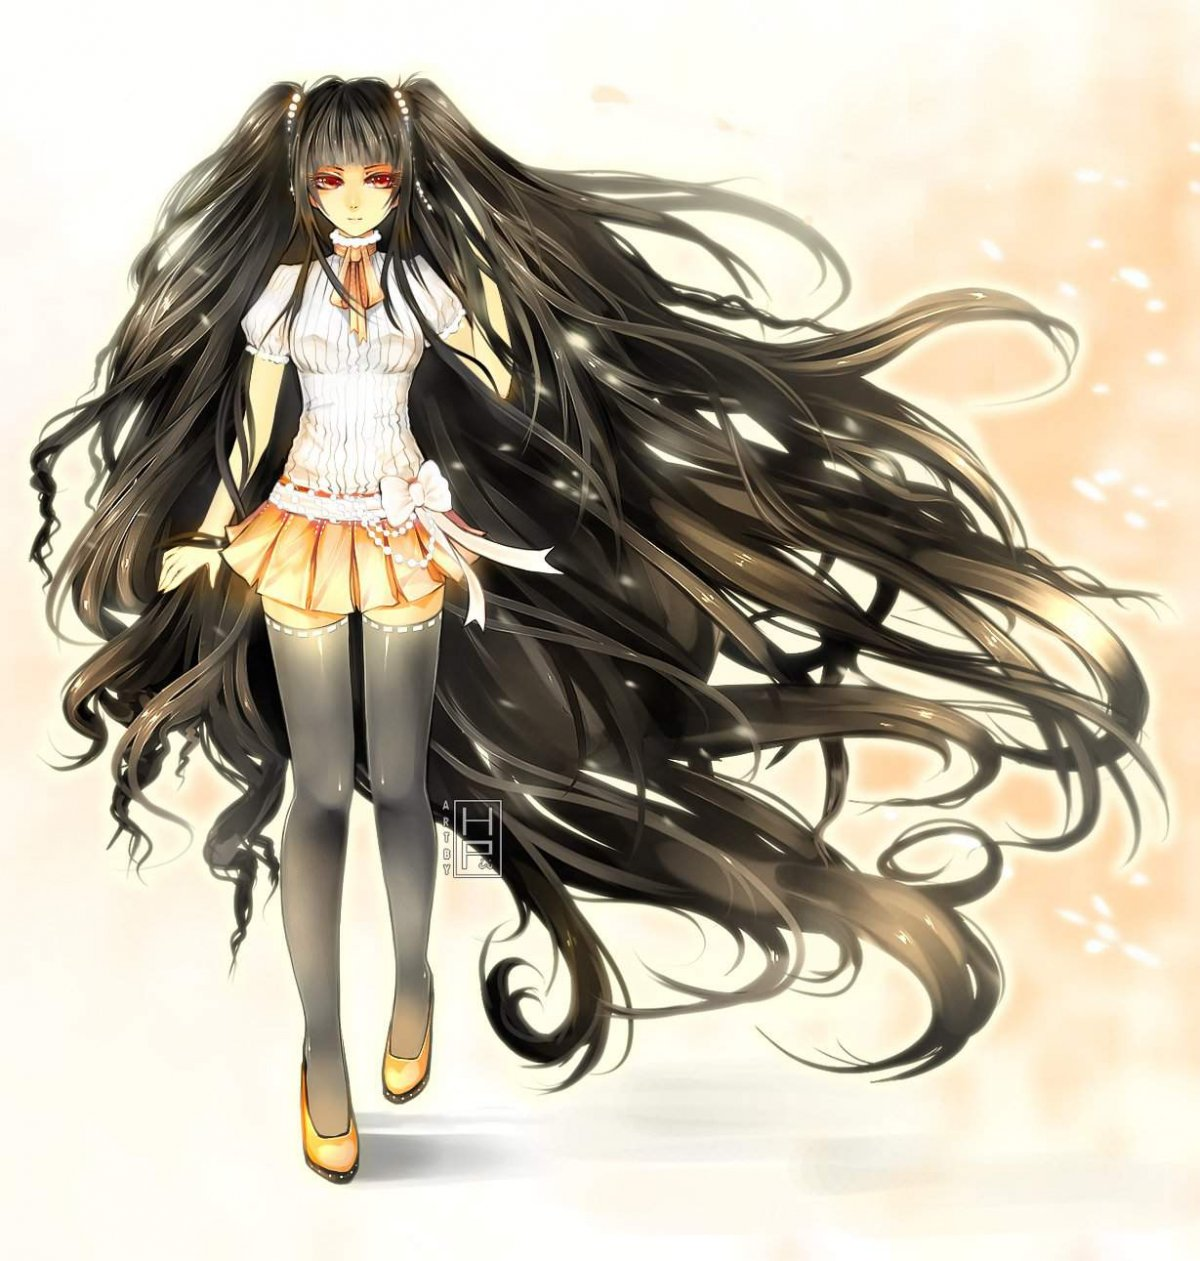 Аниме персонажи с длинными черными волосами